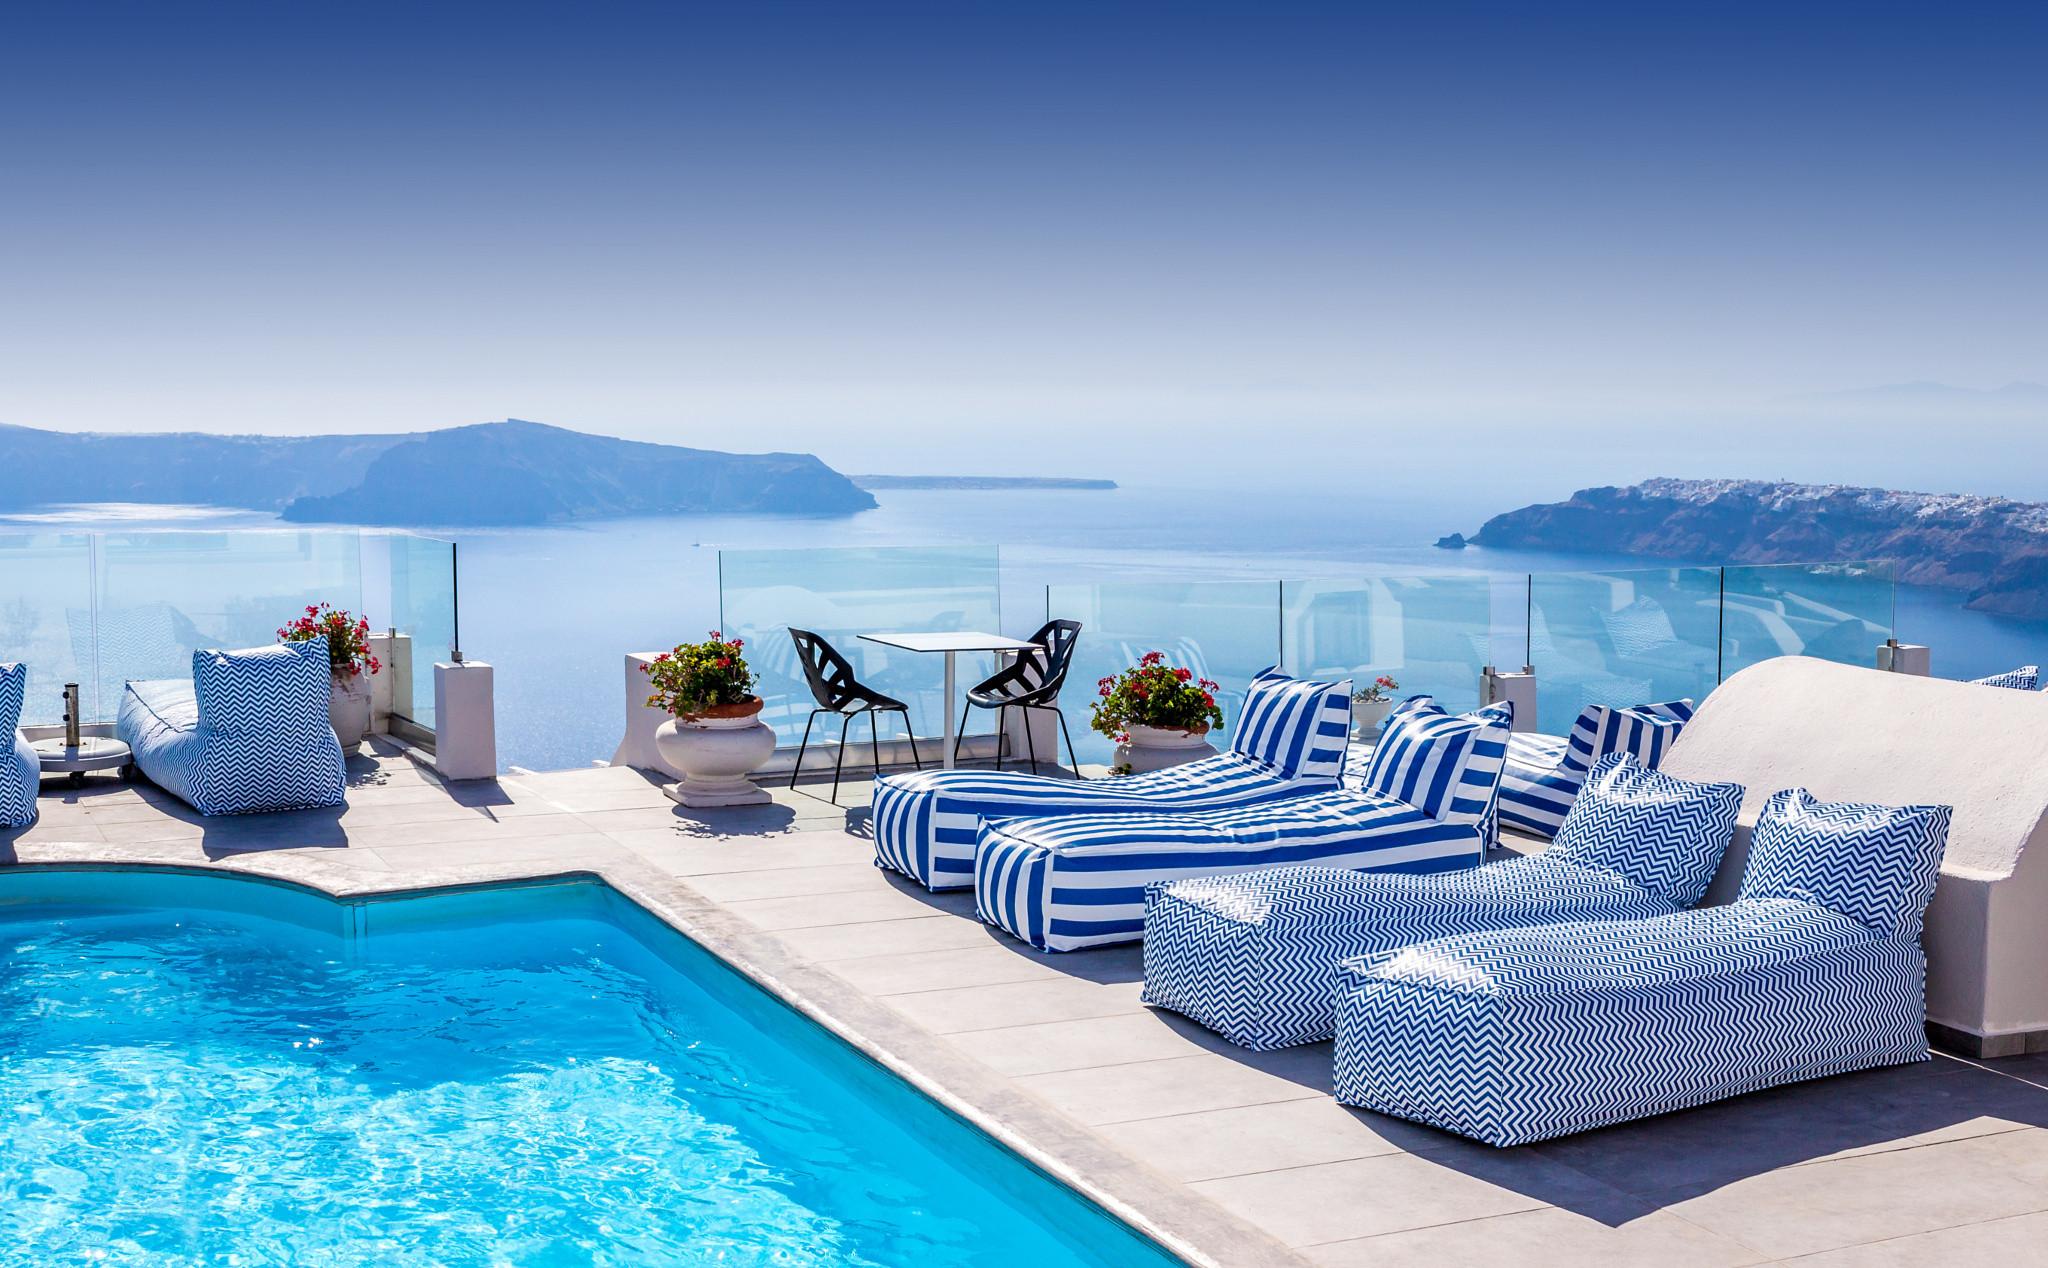 Hotel In Santorini Wallpaper